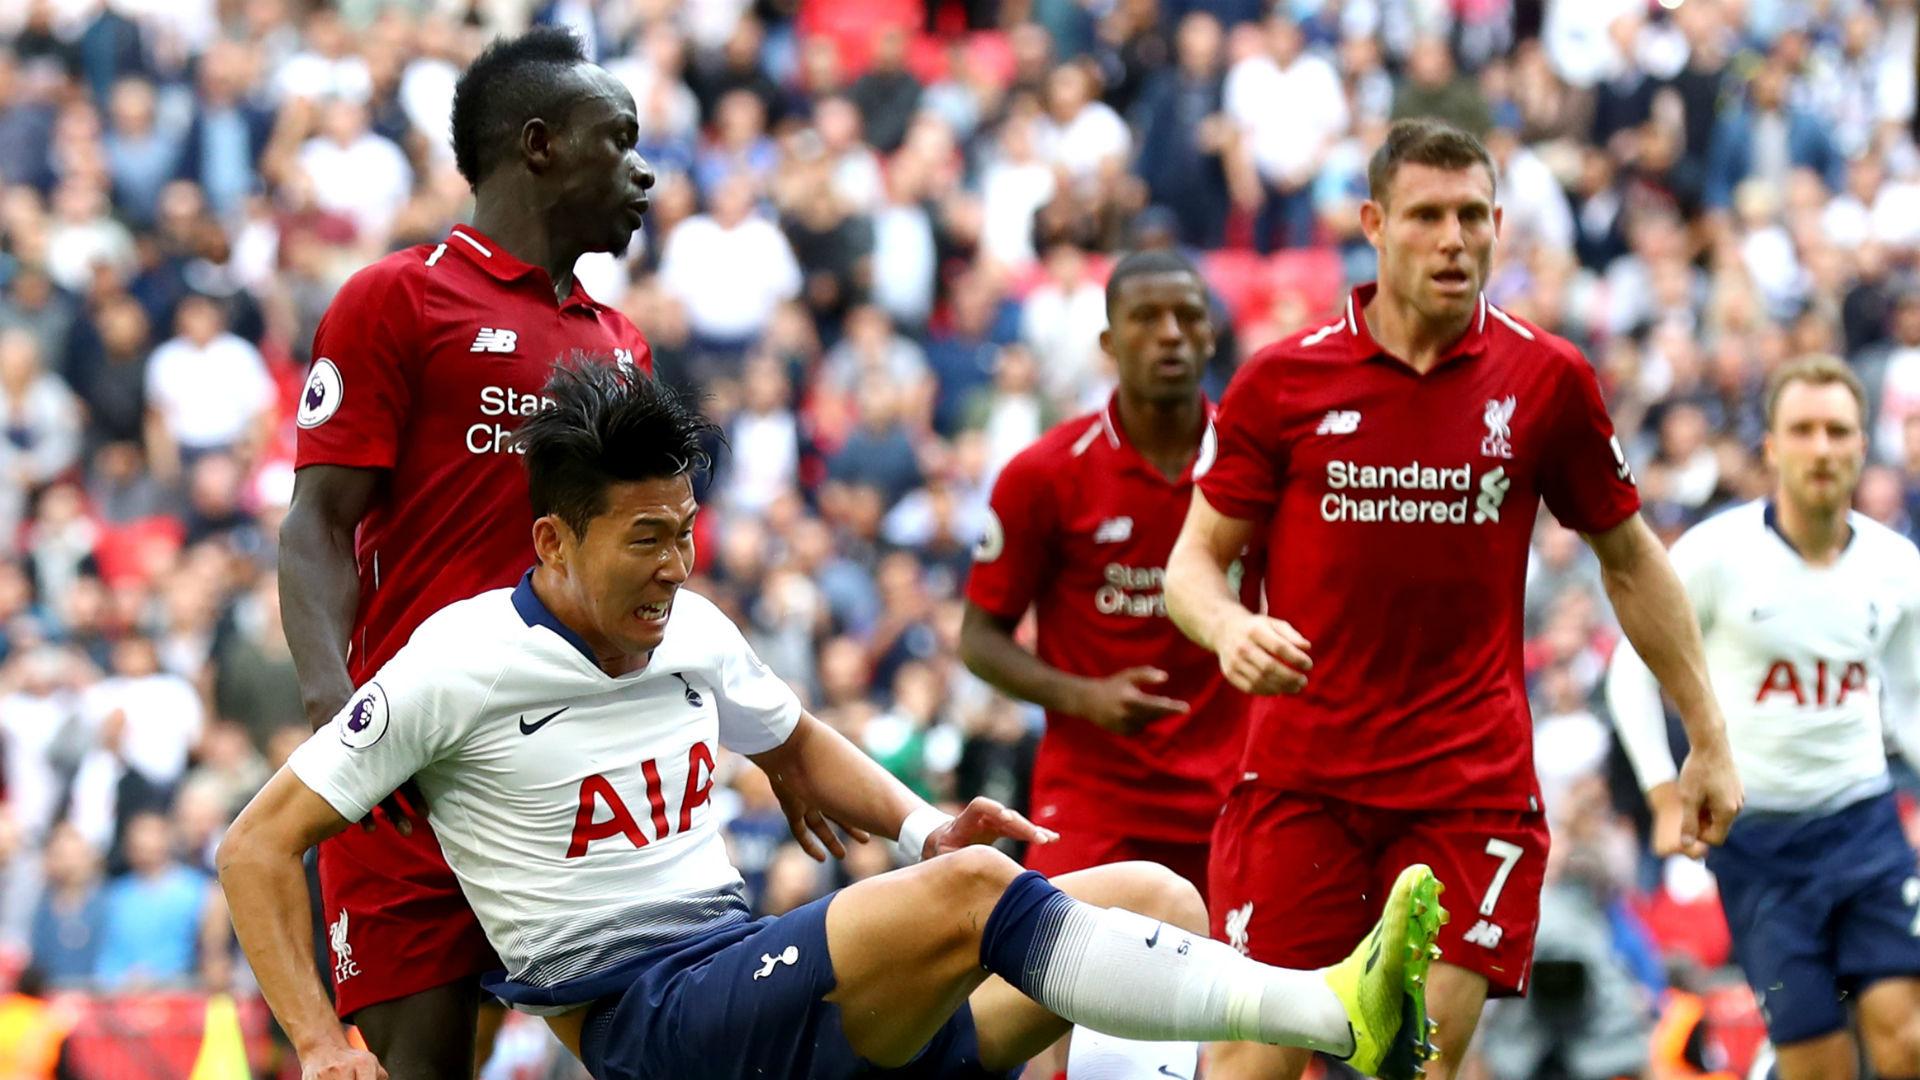 VIDÉO - Champions de l'Innovation : Les hommes forts de Liverpool et de Tottenham prêts à batailler pour la gloire en finale de la Ligue des Champions